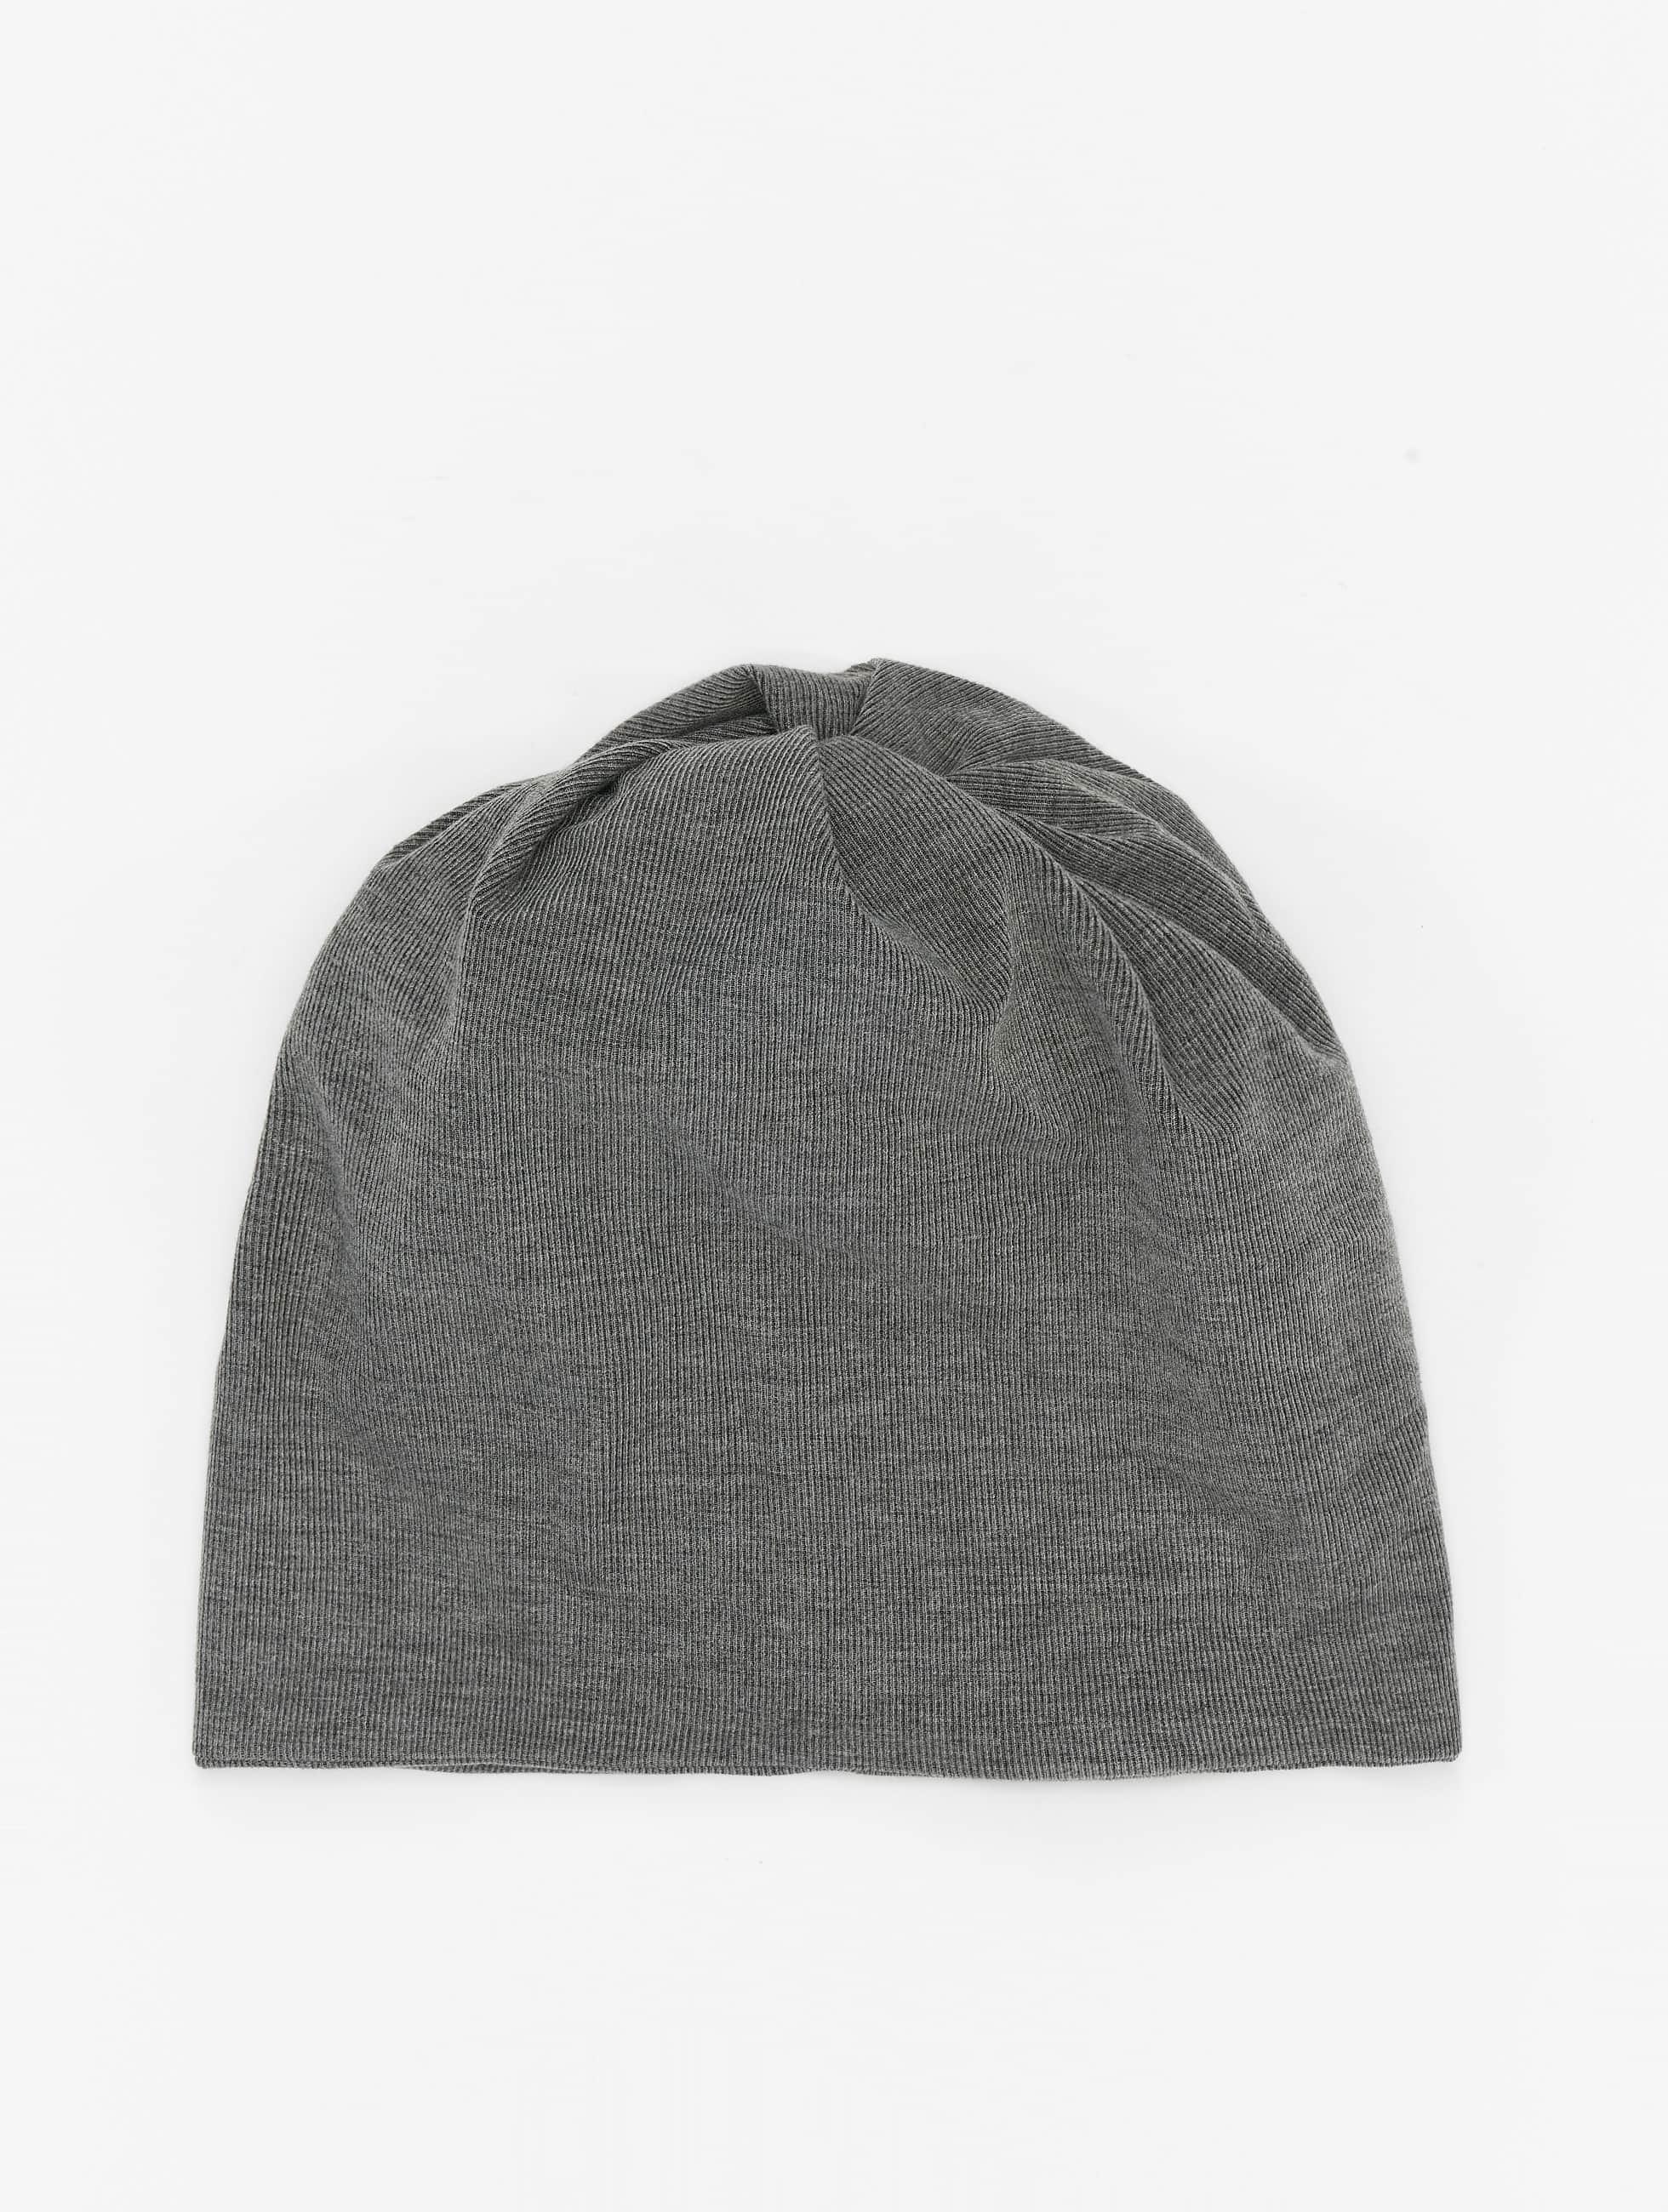 MSTRDS шляпа Rib 2 In 1 серый